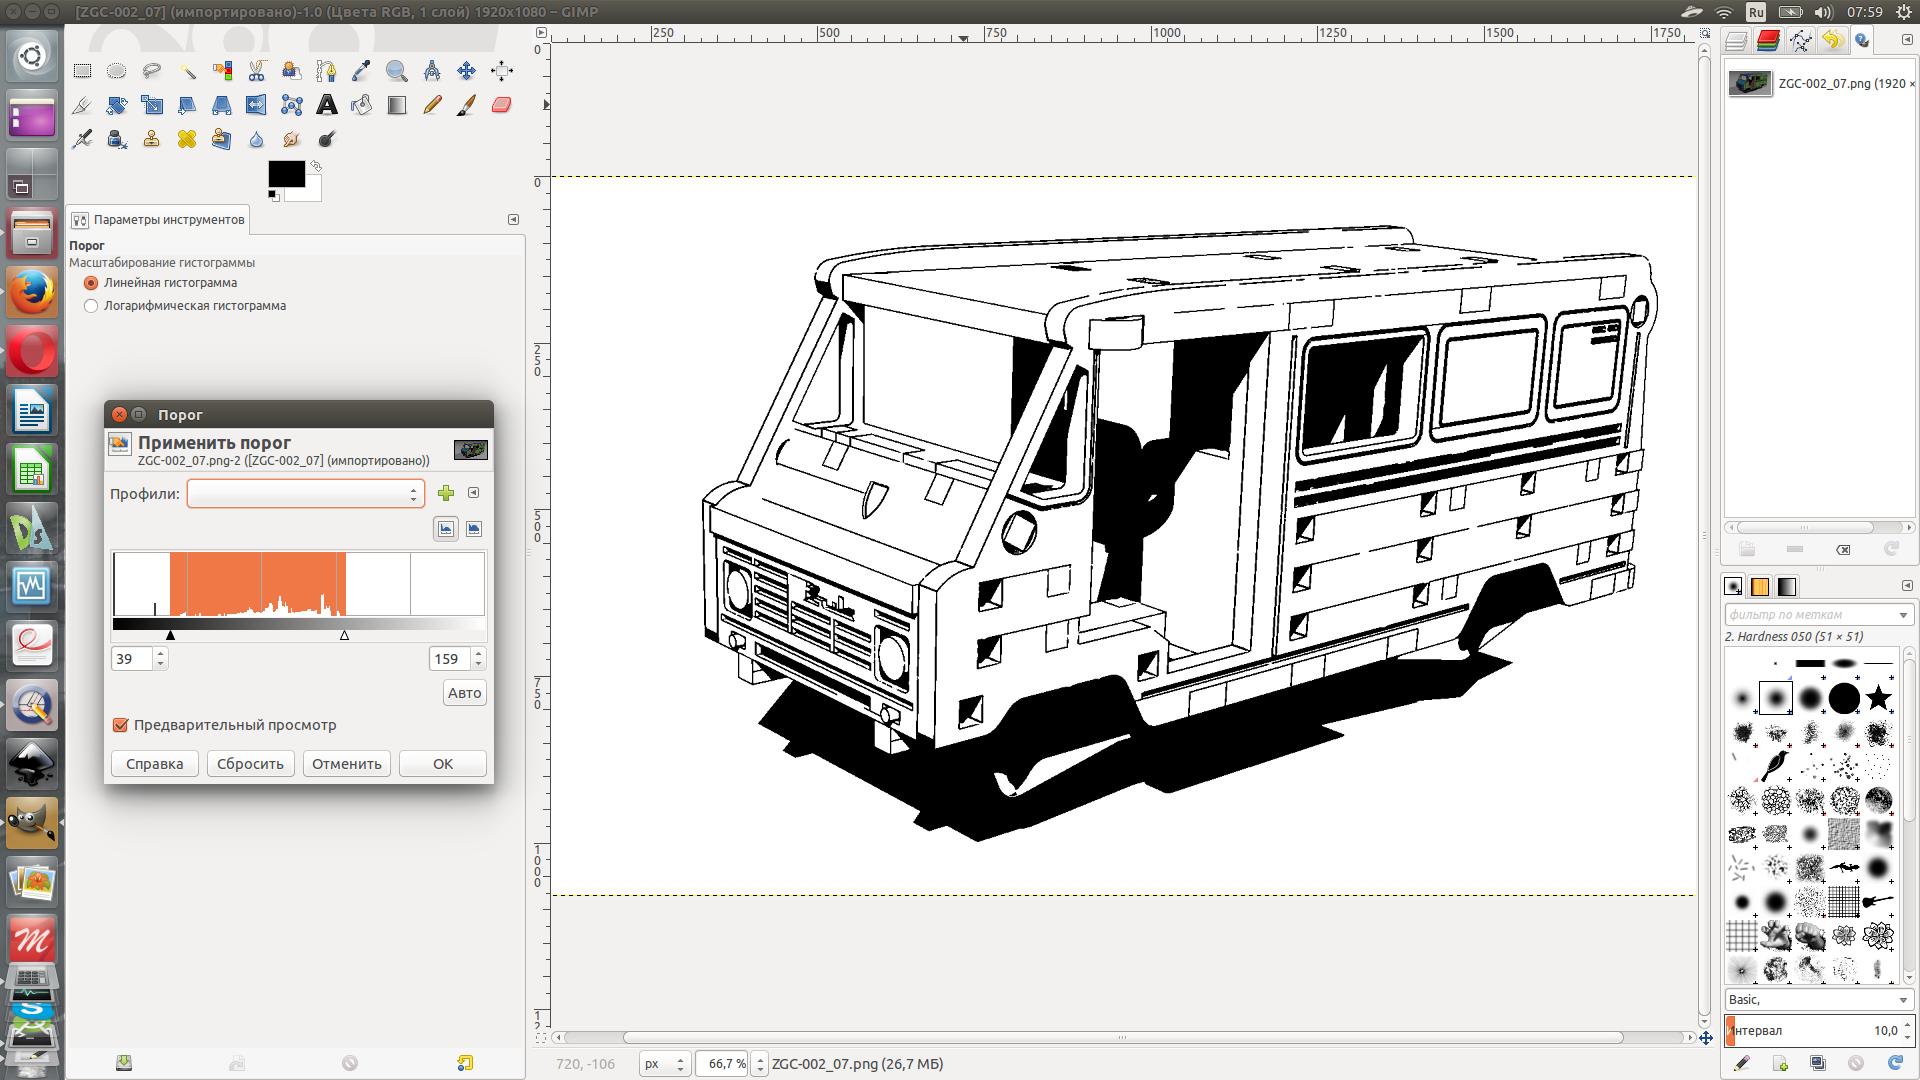 Blender3d based CAD/CAM complex for small business - BlenderNation